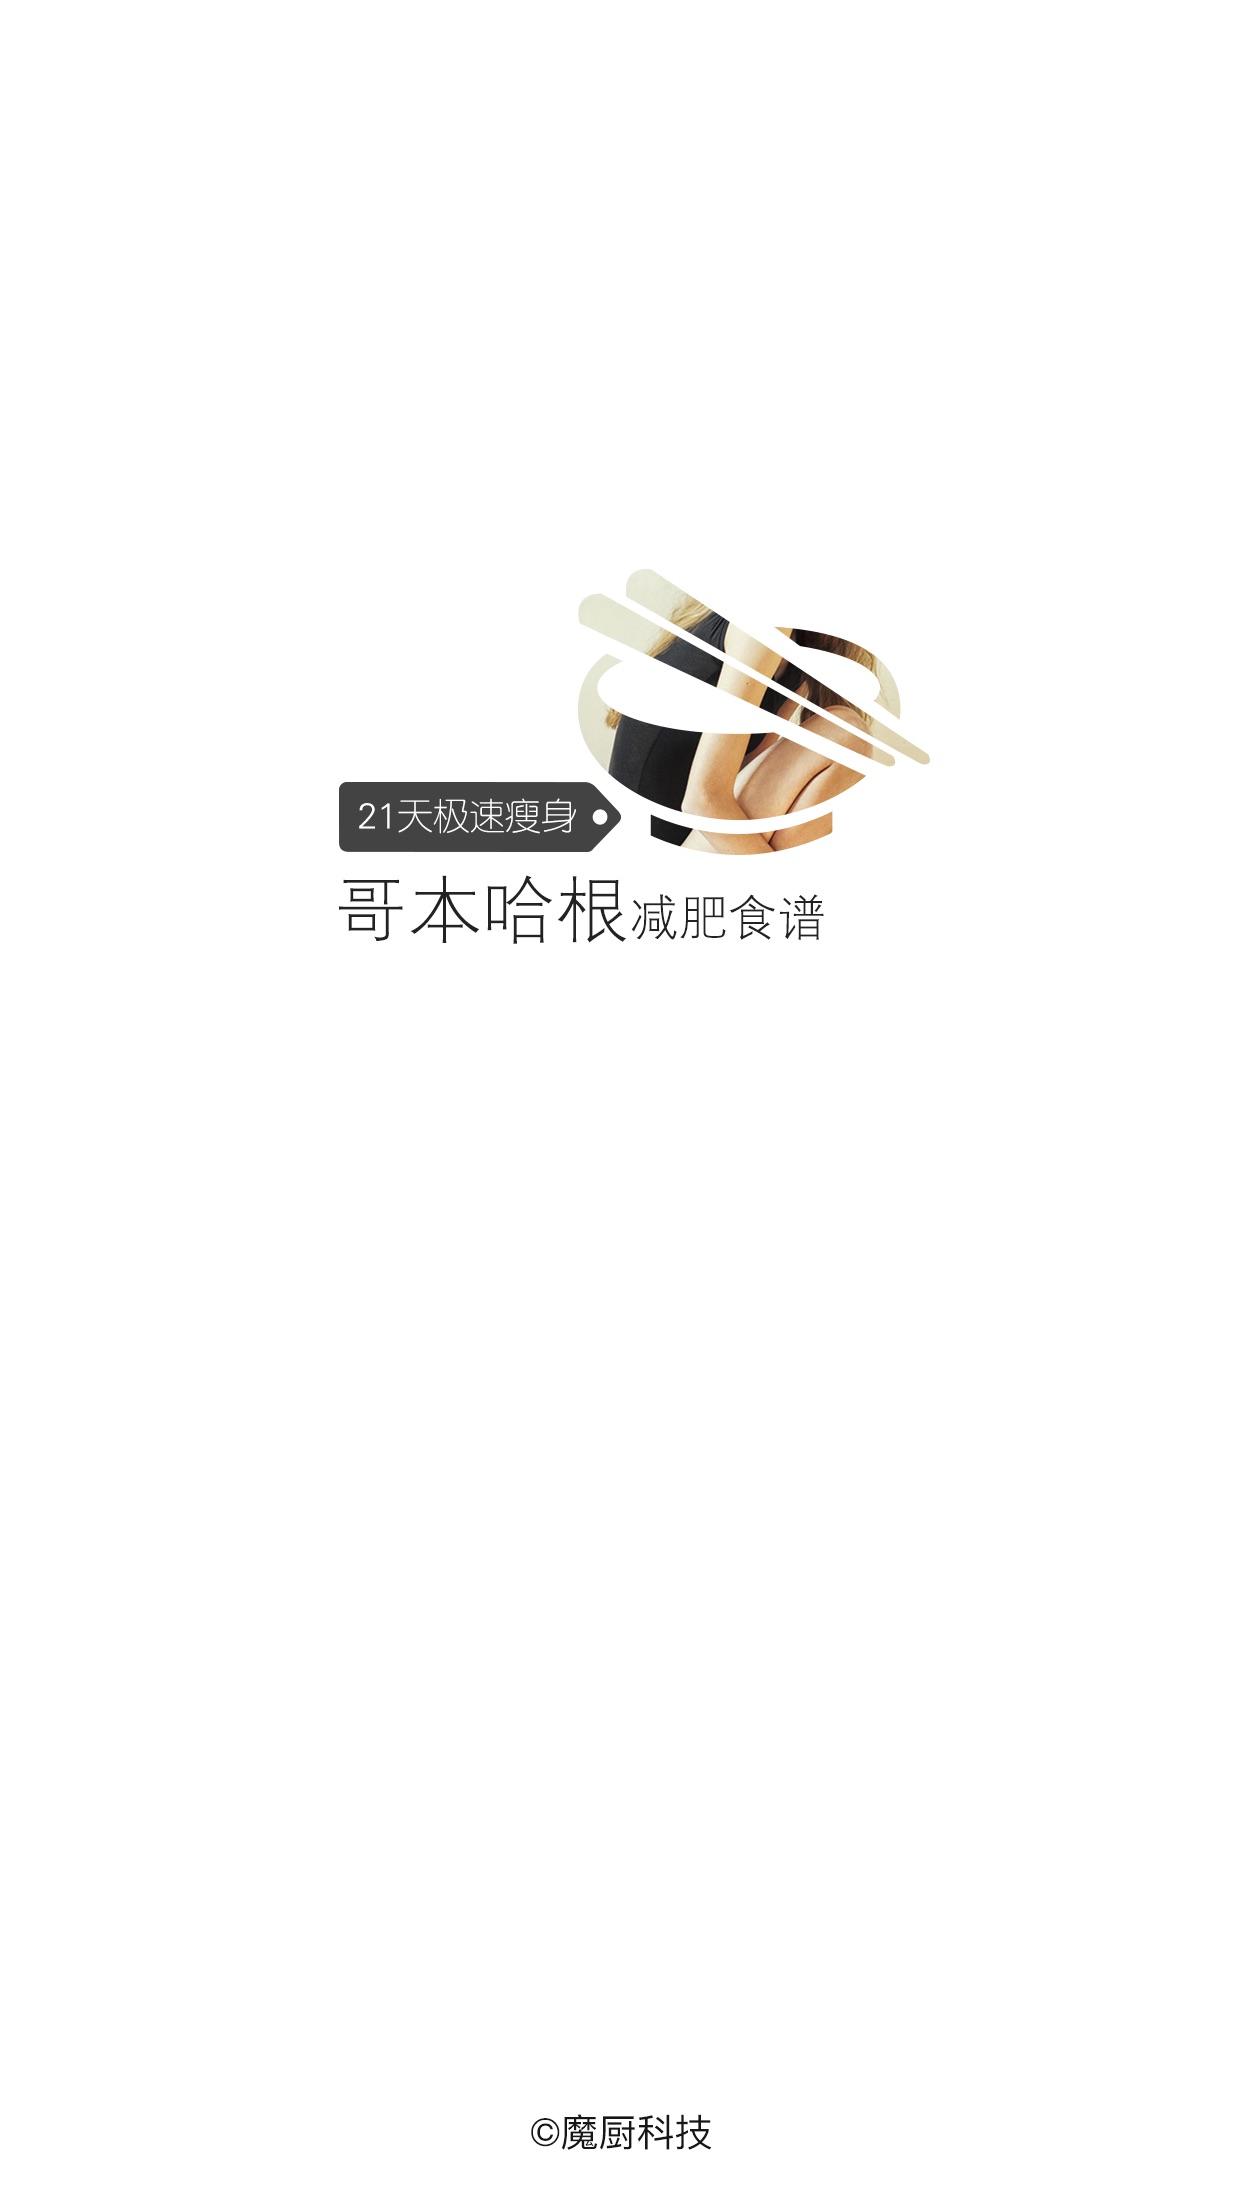 减肥食谱-减肥瘦身健身饮食菜谱 Screenshot